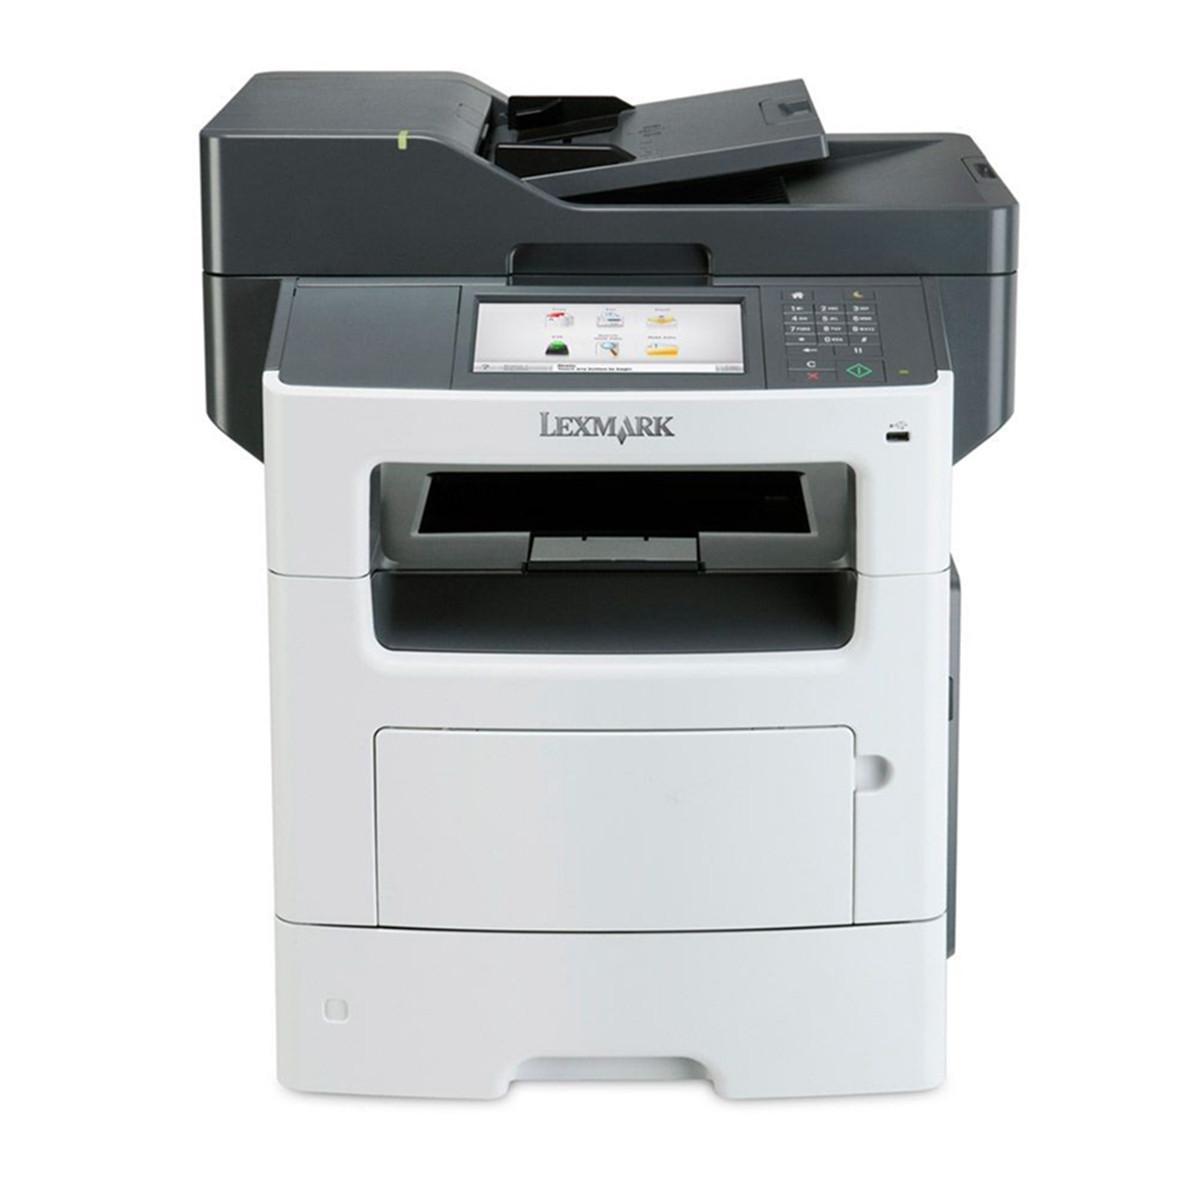 Impressora Lexmark MX611DHE MX611 | Multifuncional Laser Monocromática com RADF e Rede